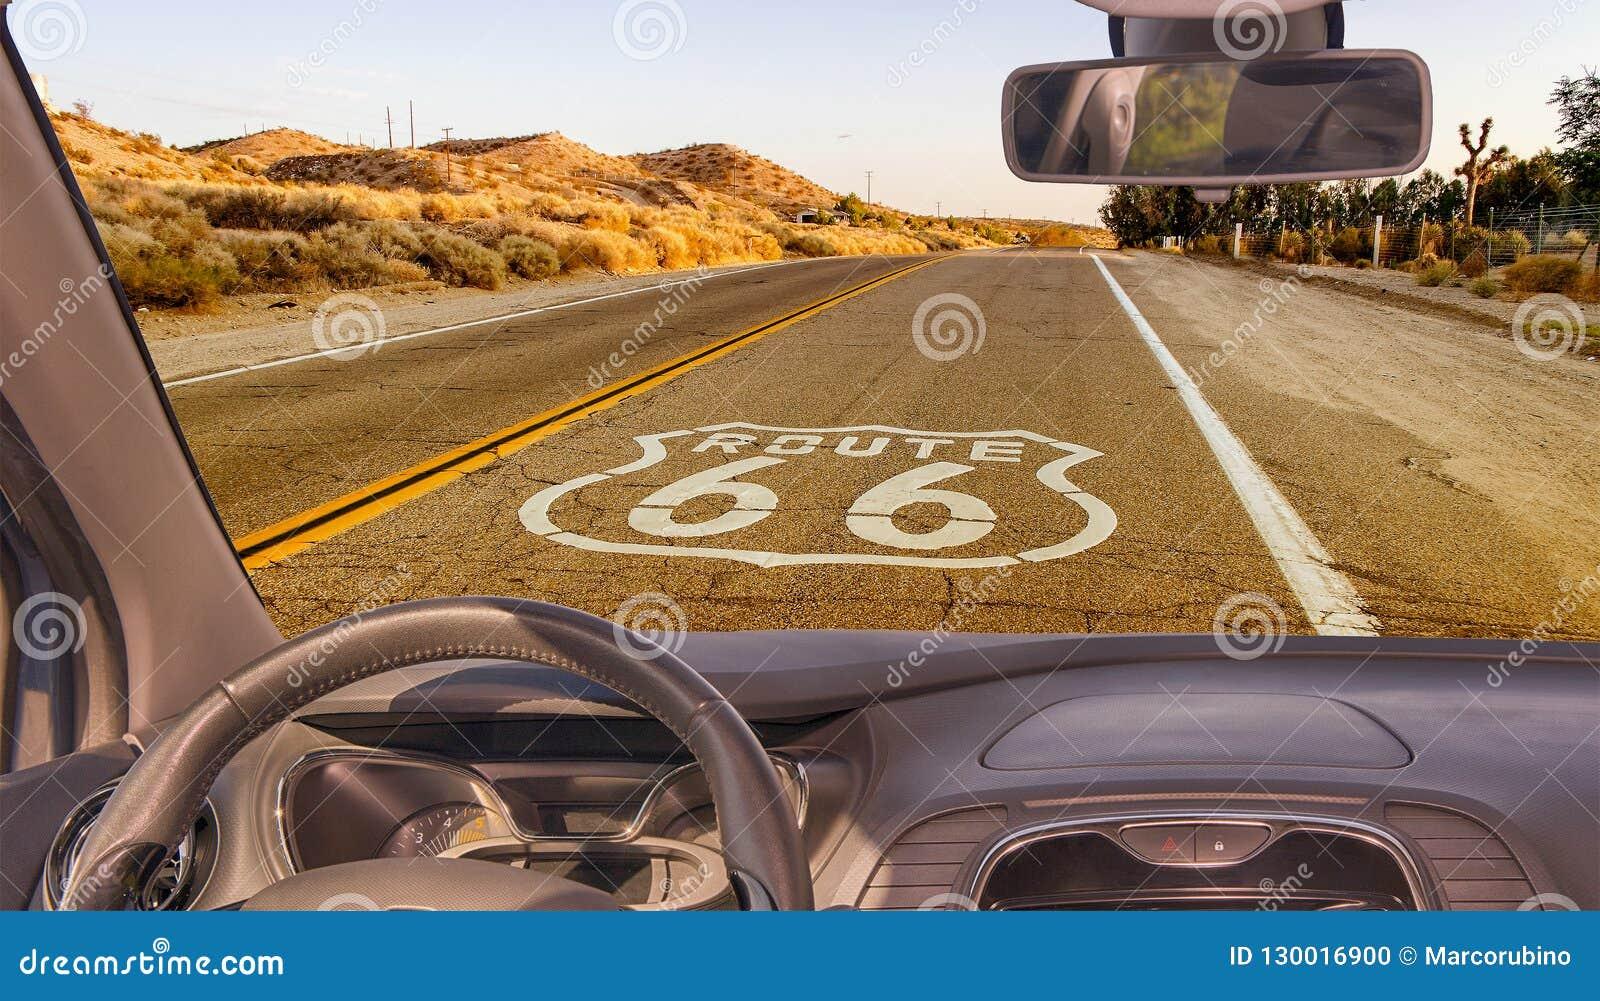 Взгляд лобового стекла автомобиля исторической трассы 66, Калифорния, США